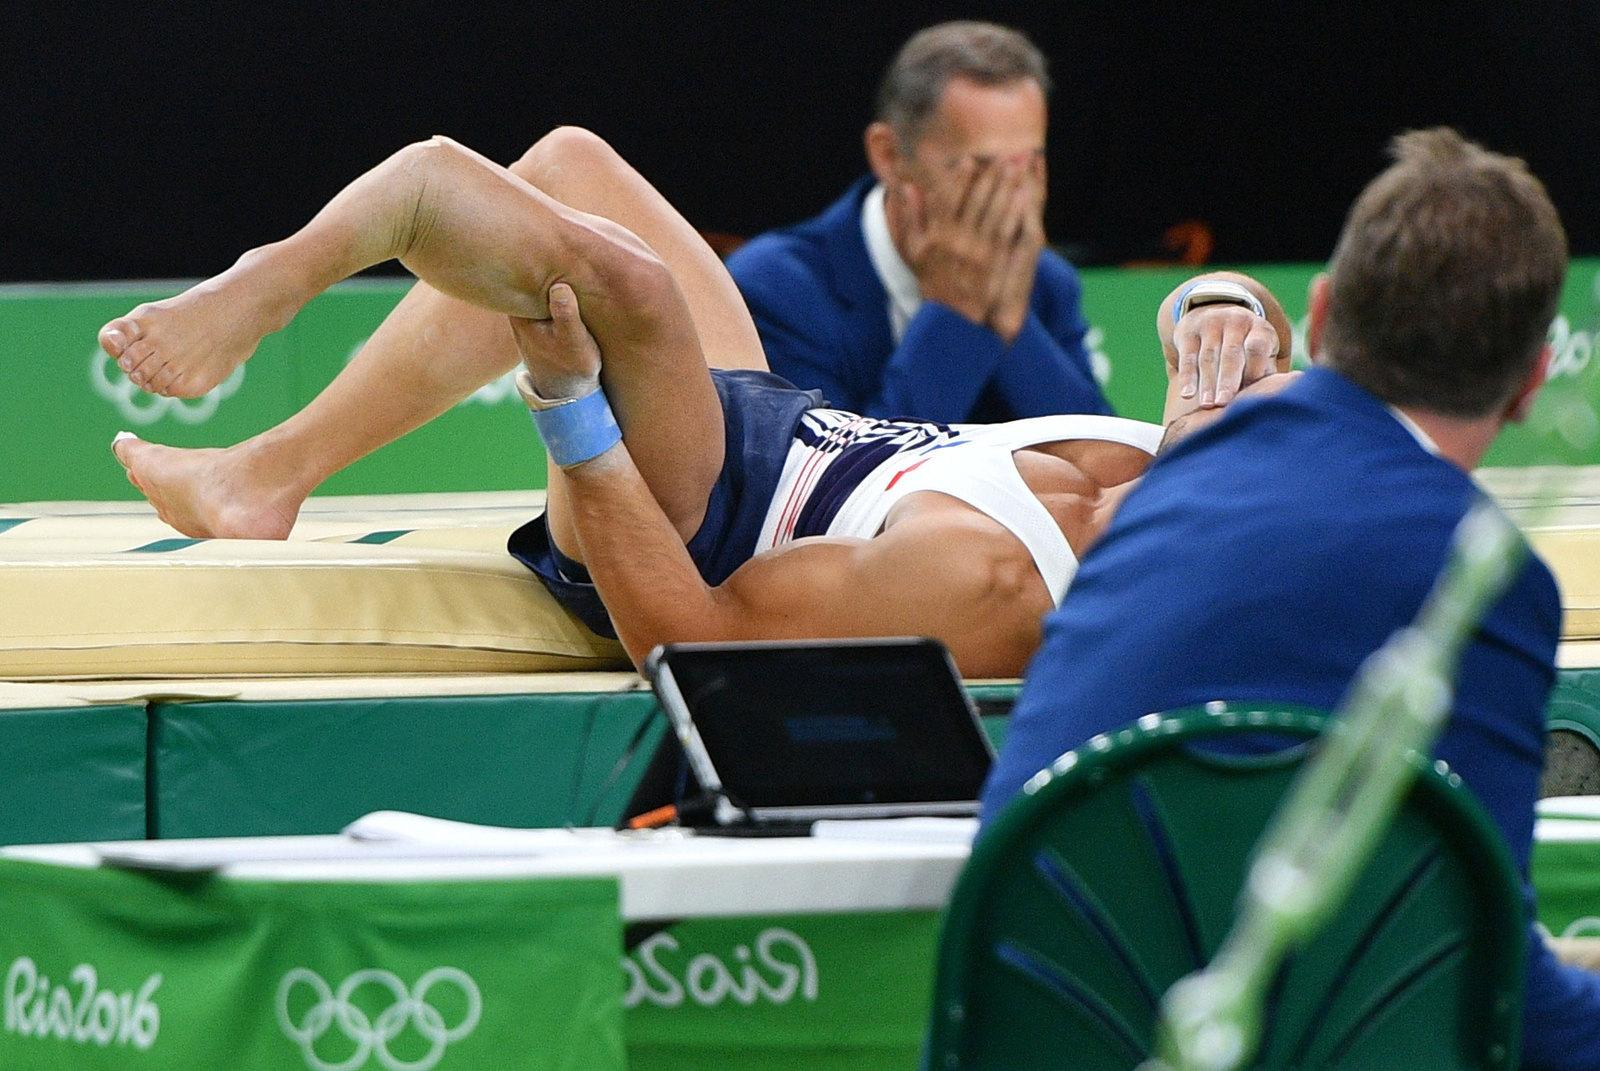 Опорный прыжок французского гимнаста Самира Аита Саида закончился переломом ноги